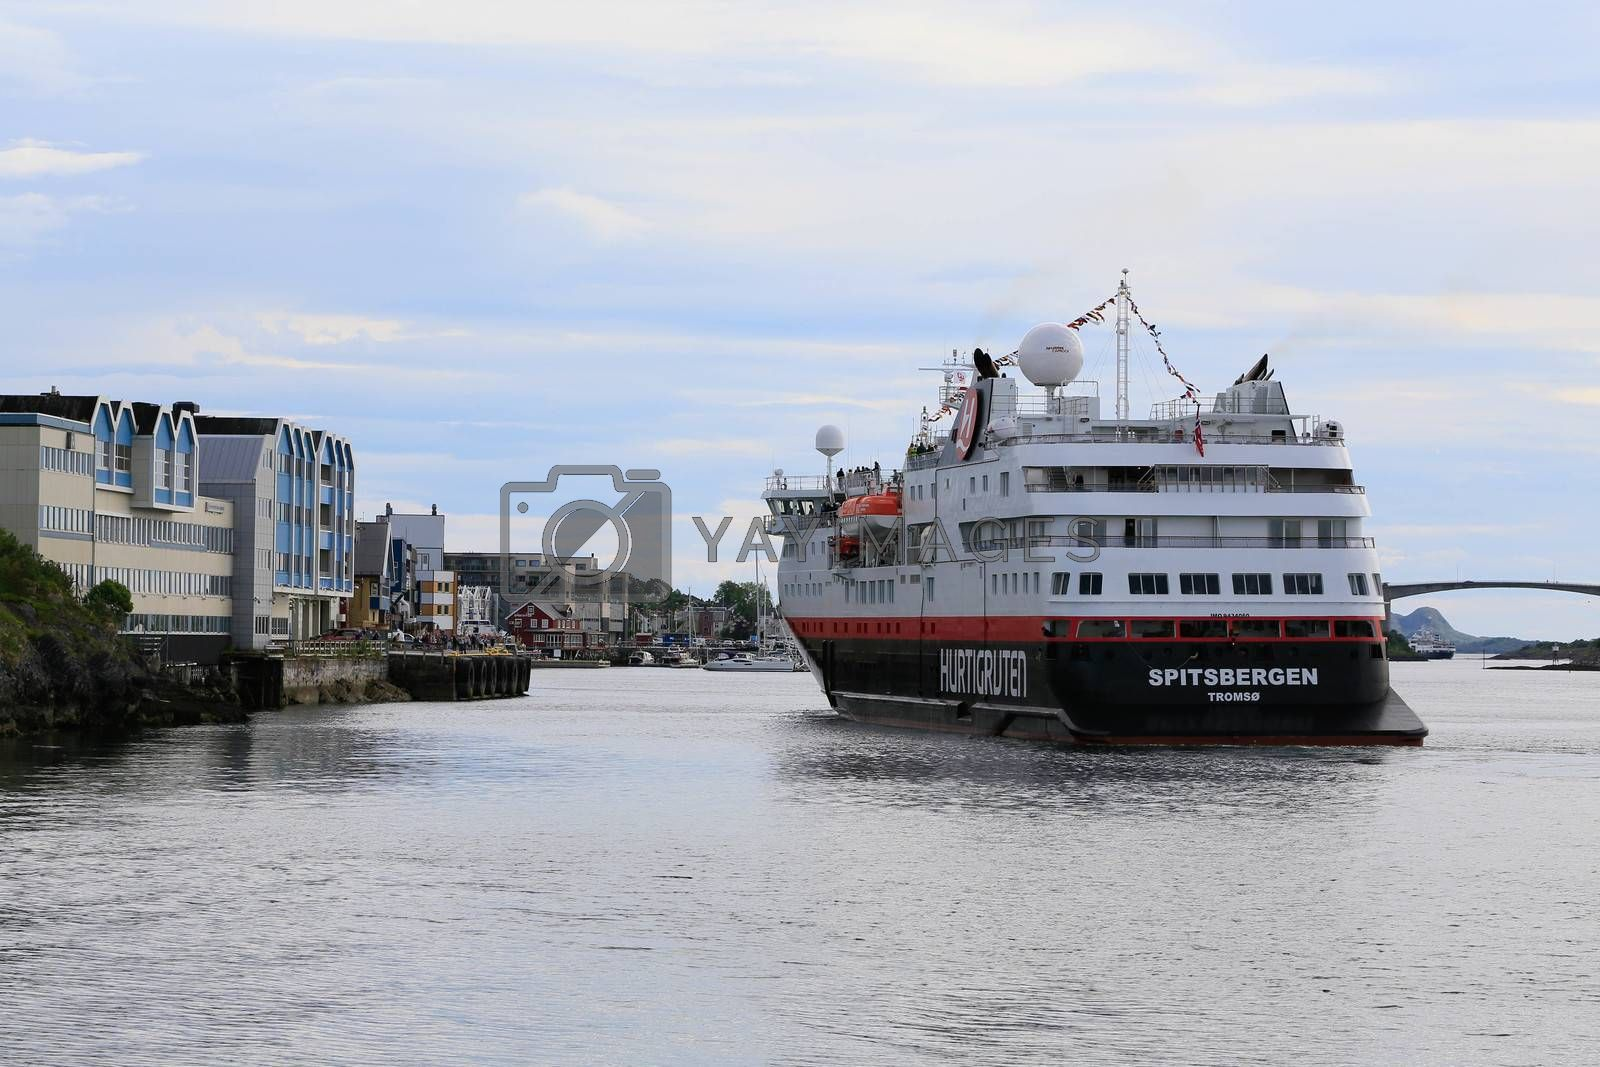 M.s Spitsbergen ankommer Brønnøysund